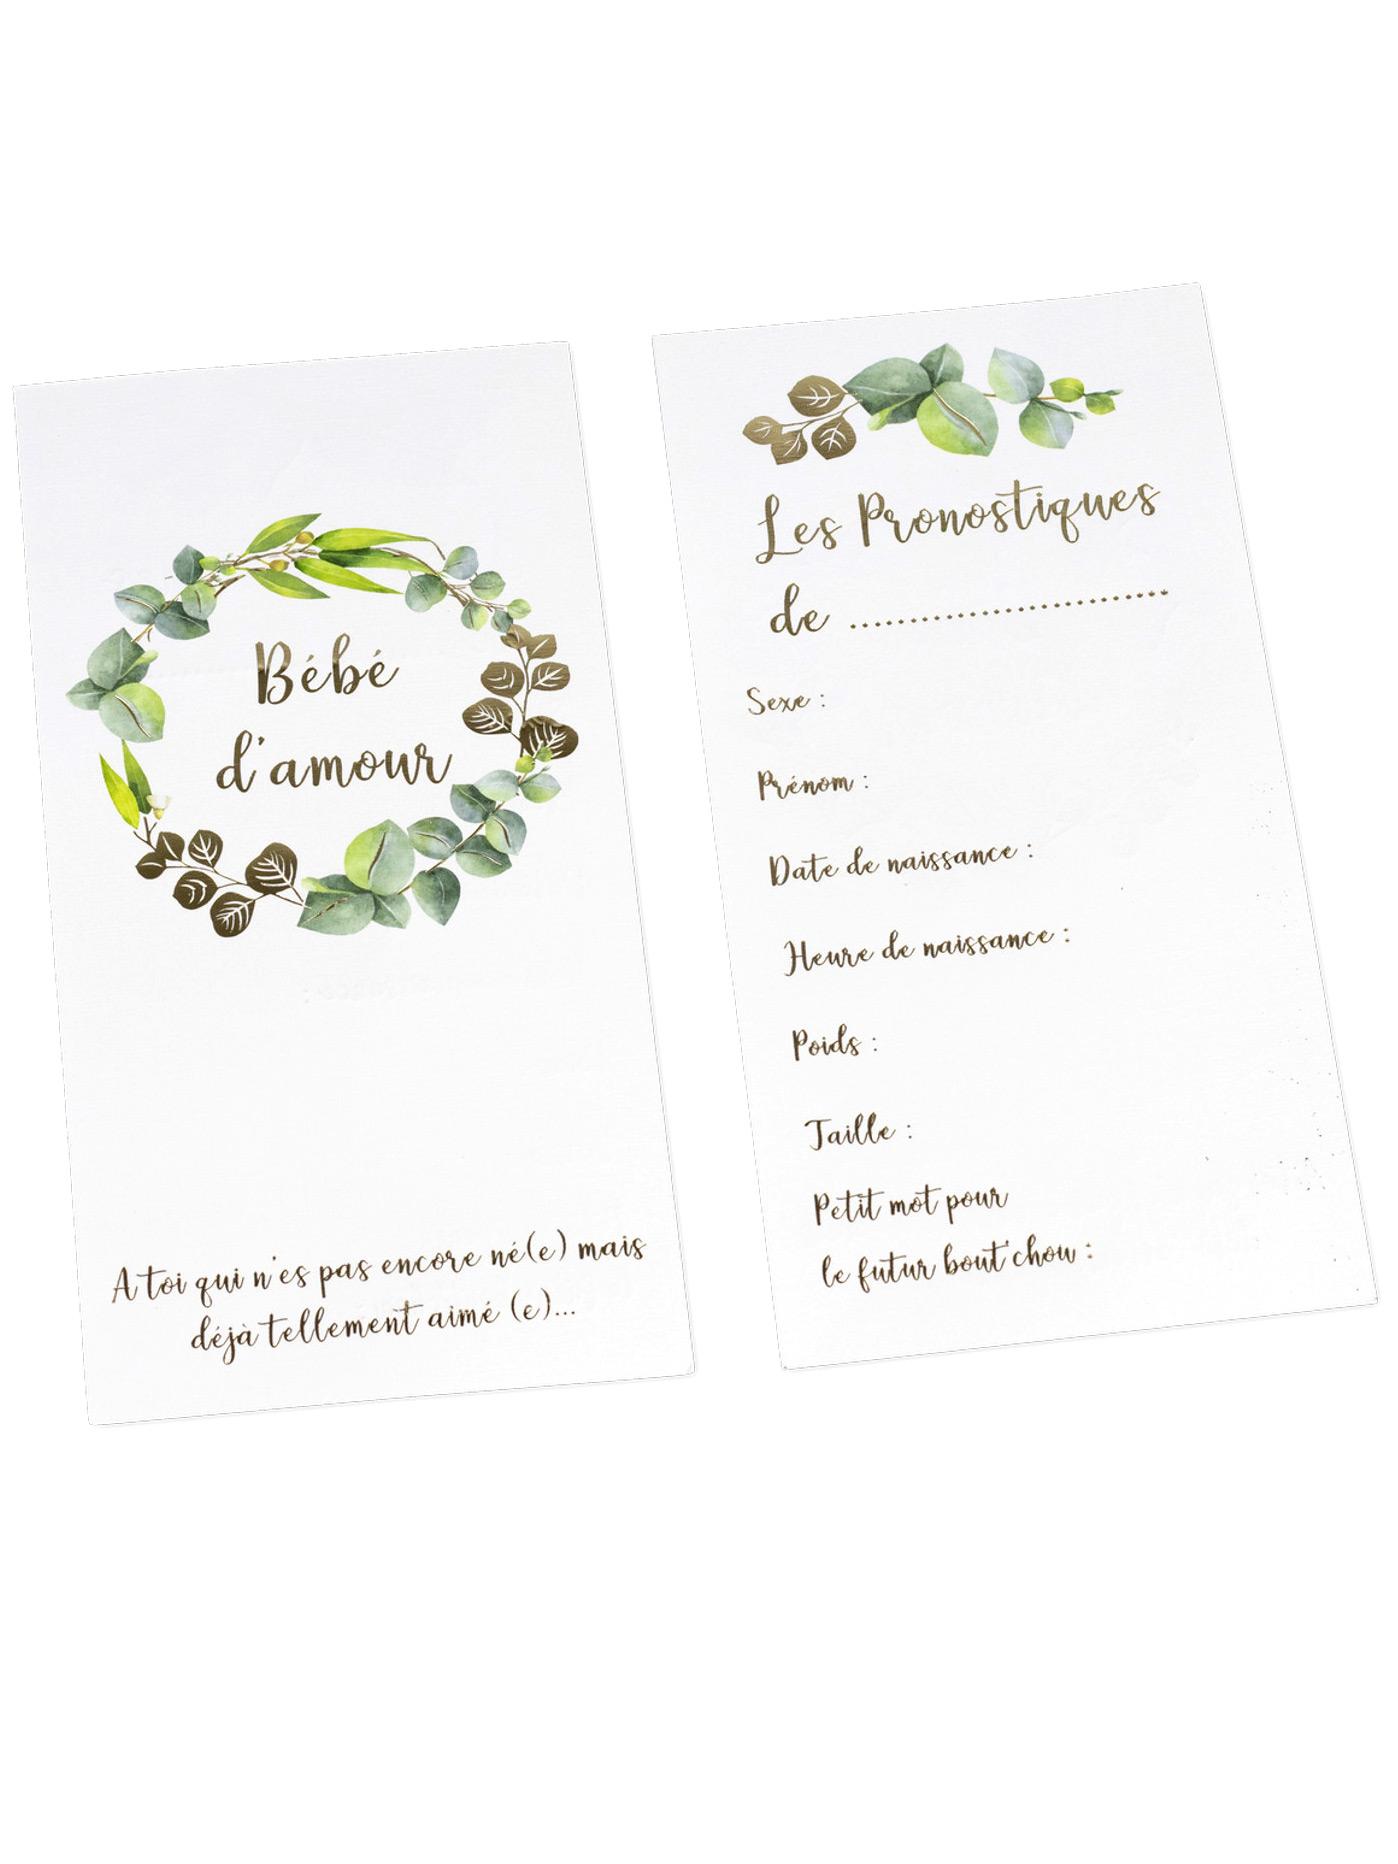 10 Cartes De Pronostiques Bébé Damour Eucalyptus Dorure Or 10 X 20 Cm Décoration Anniversaire Et Fêtes à Thème Sur Vegaoo Party